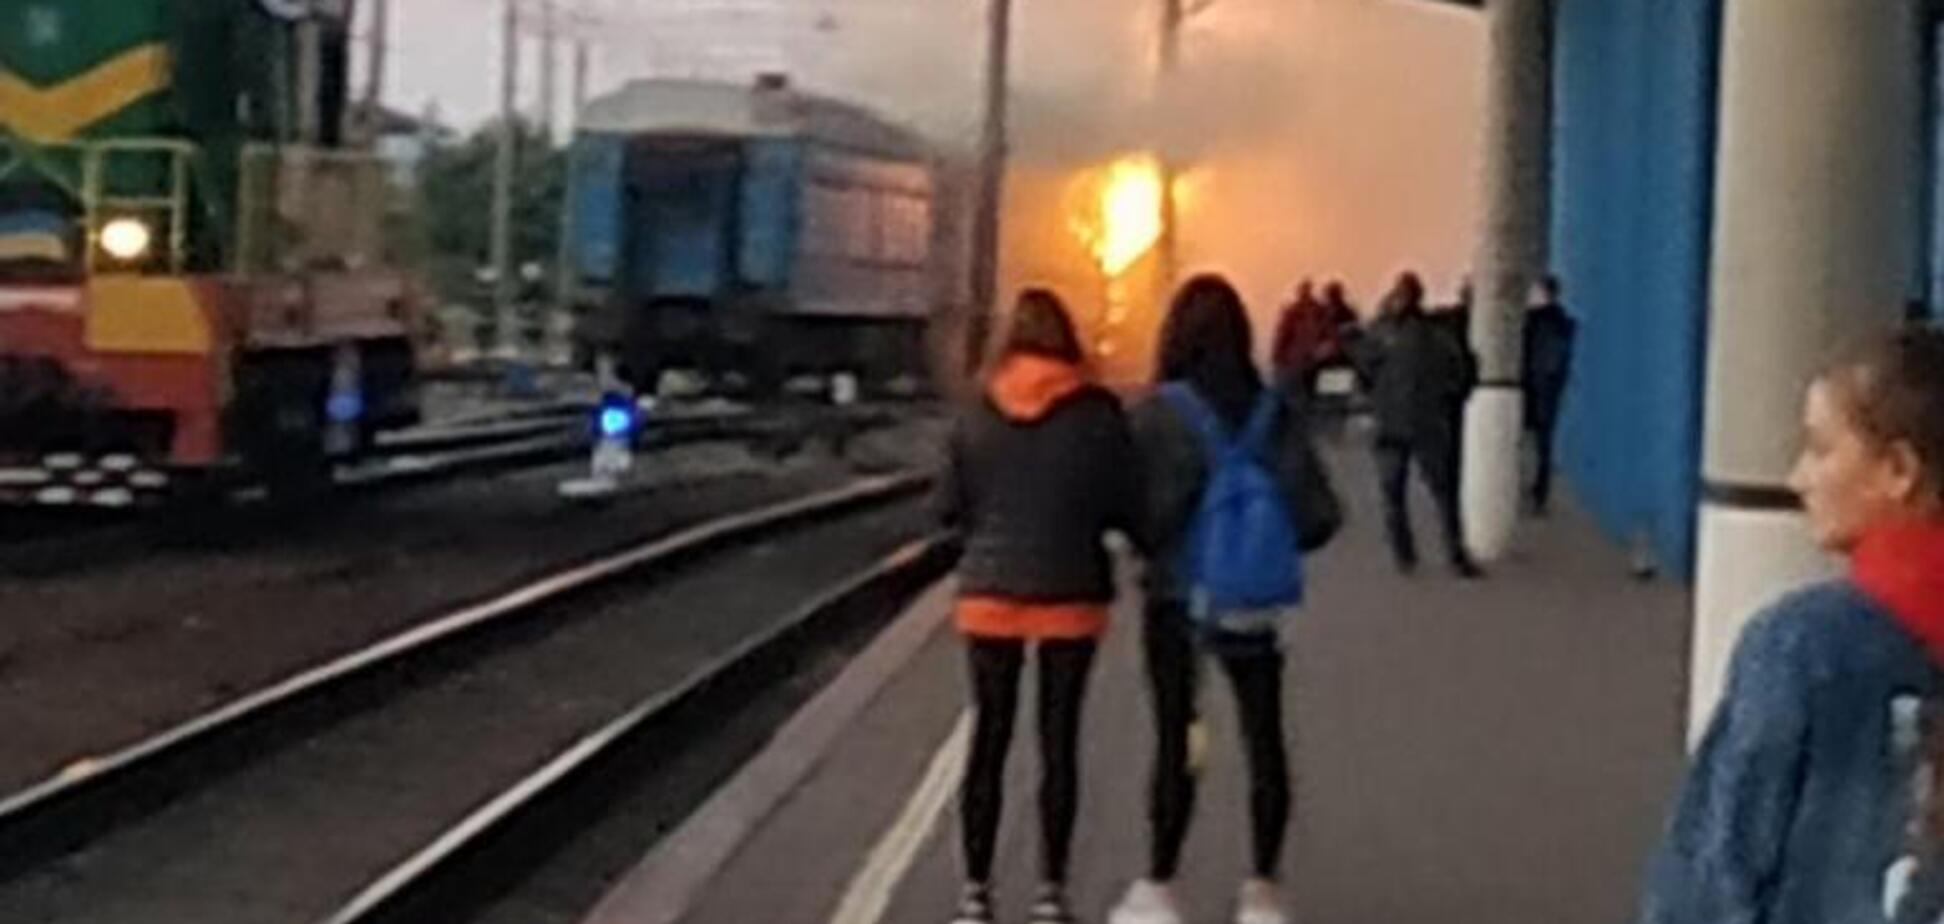 У Вінниці загорівся пасажирський потяг: подробиці та фото НП